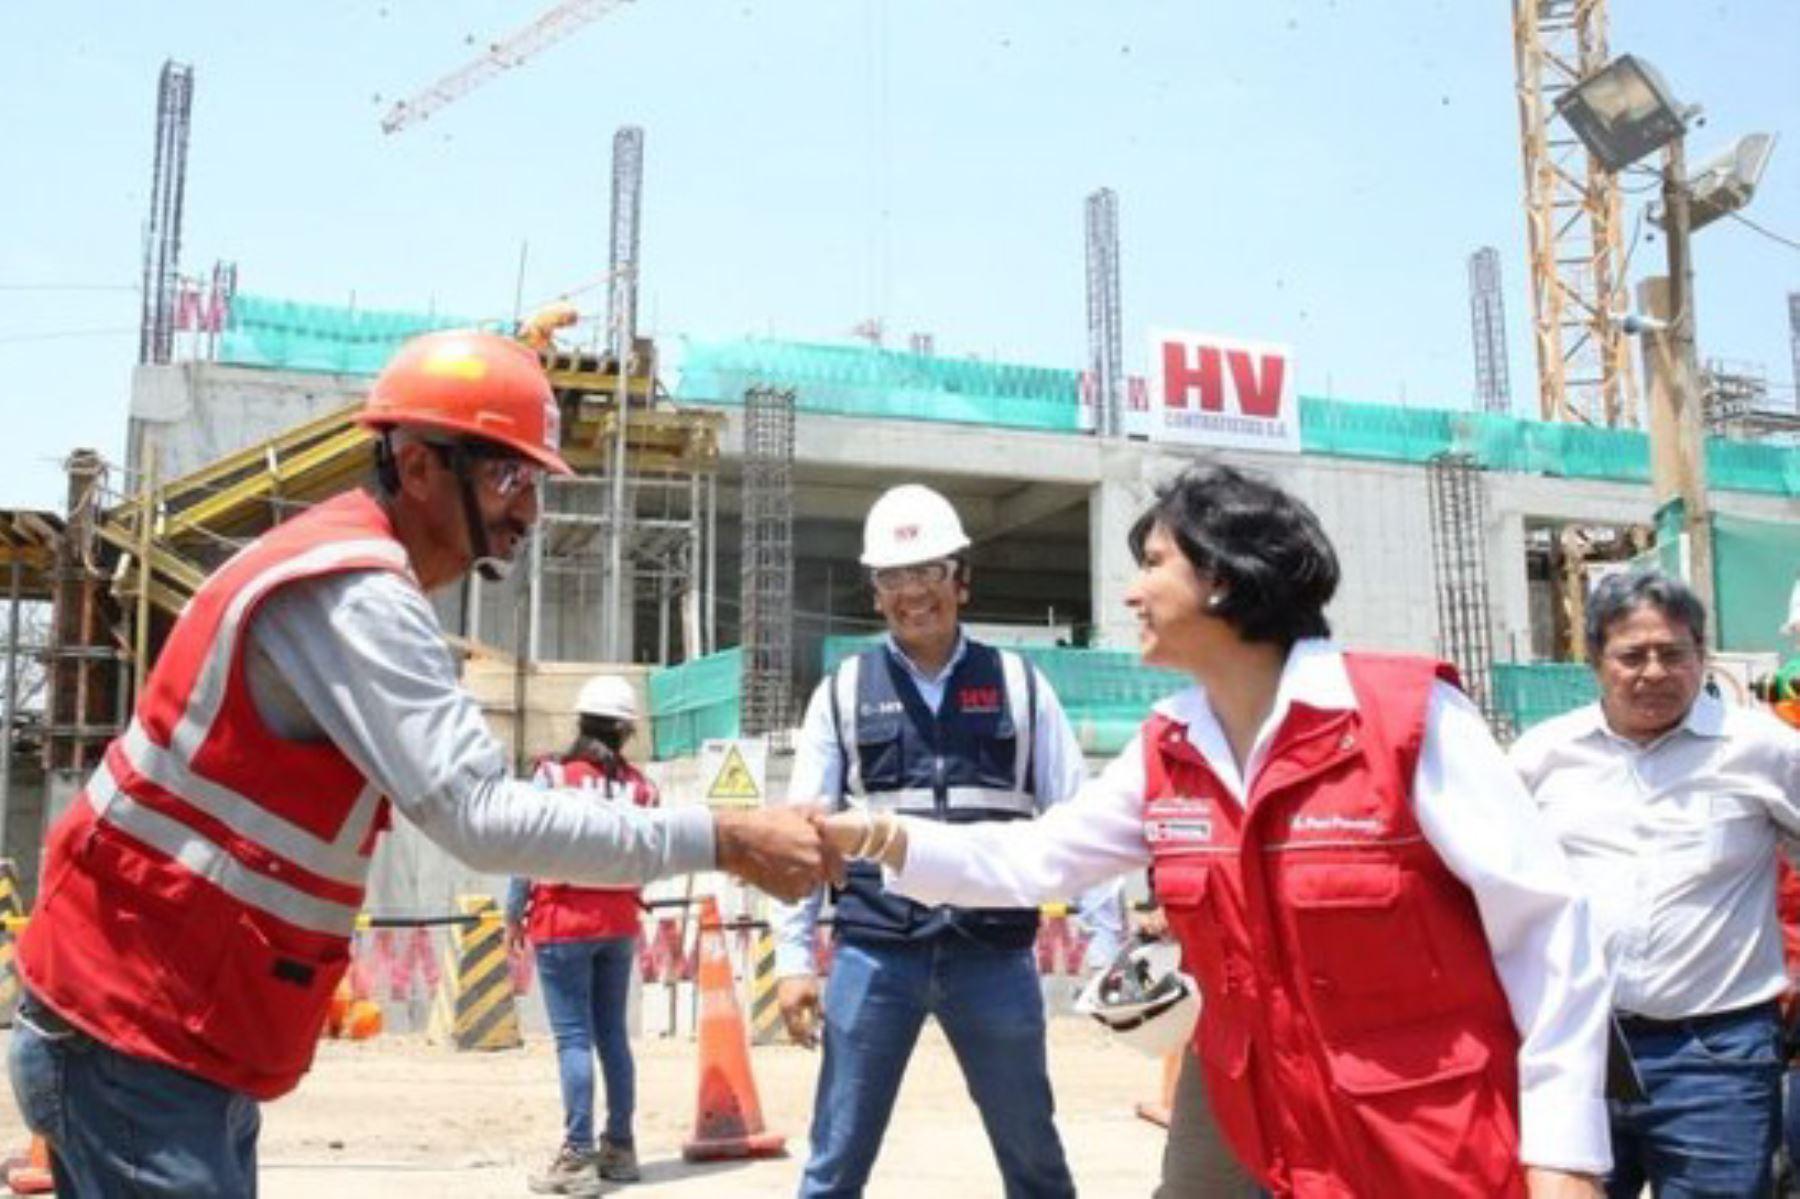 La ministra Sylvia Cáceres lideró en Chiclayo un operativo de orientación en seguridad y salud en el trabajo, a cargo de la Sunafil.